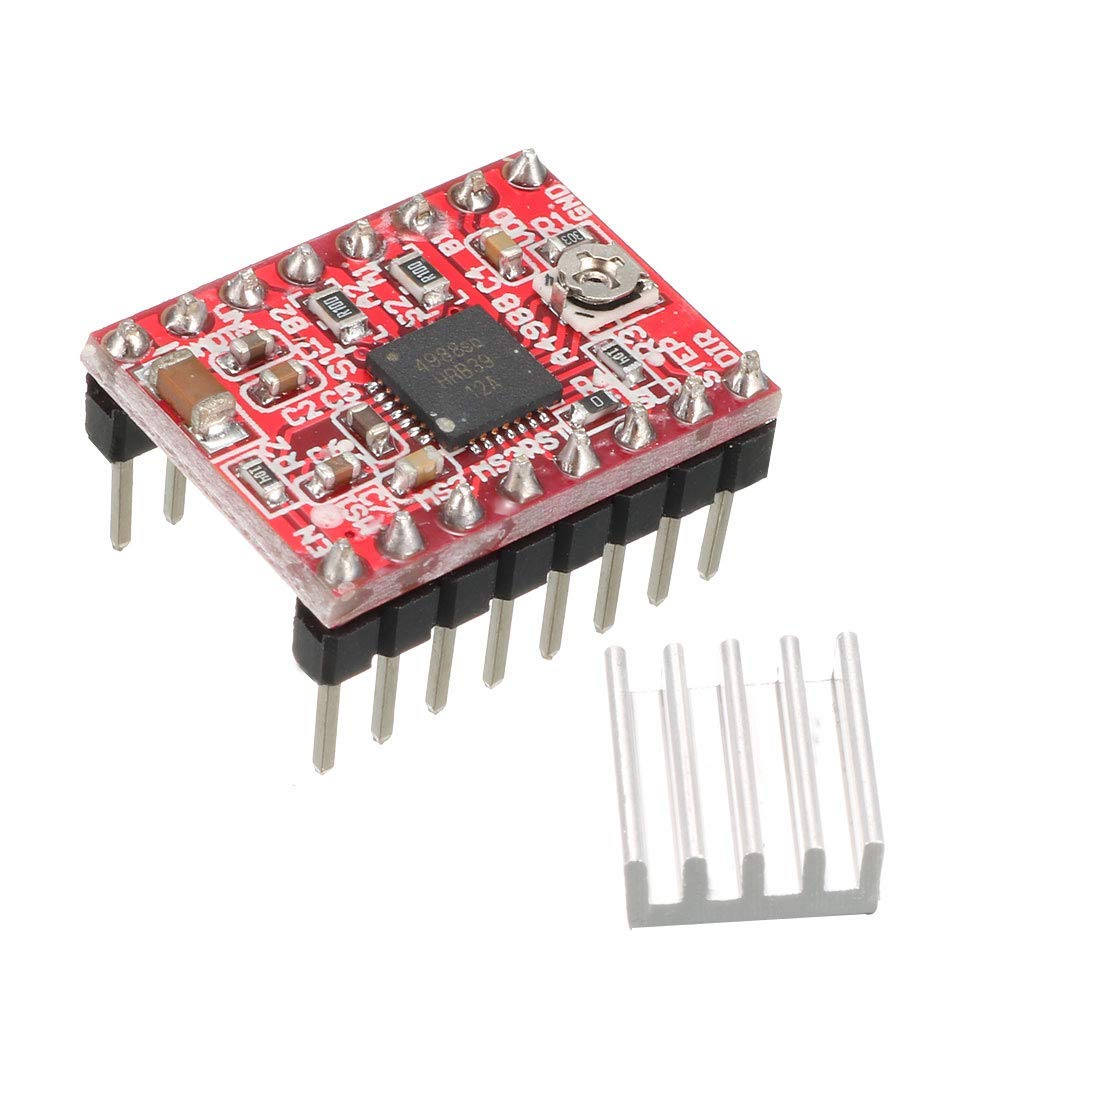 Amazon.com: ZCHXD A4988 - Módulo controlador de motor paso a ...